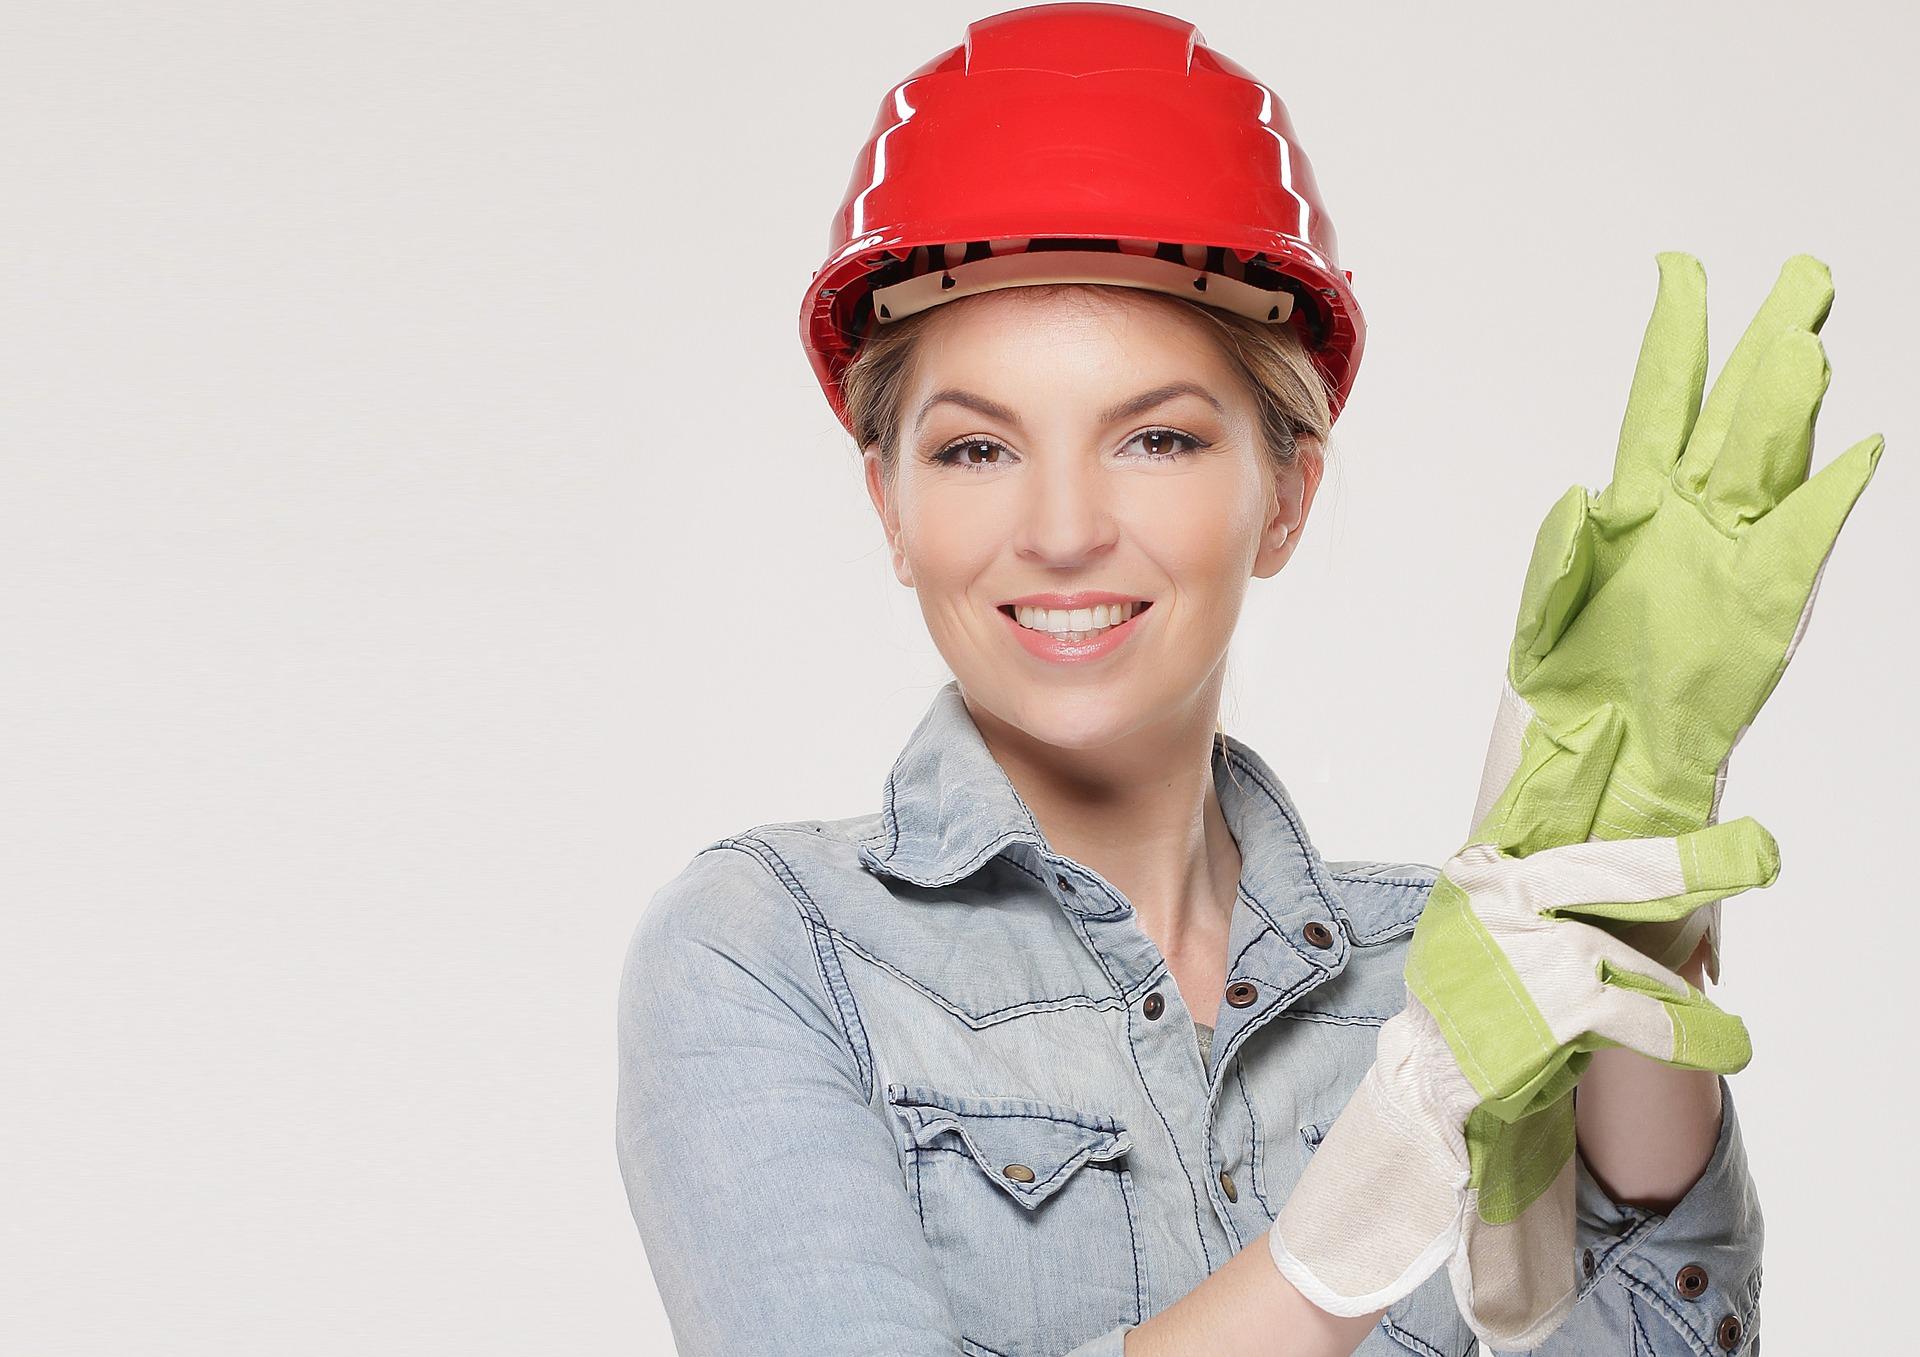 女性もゼネコンの施工管理で働ける